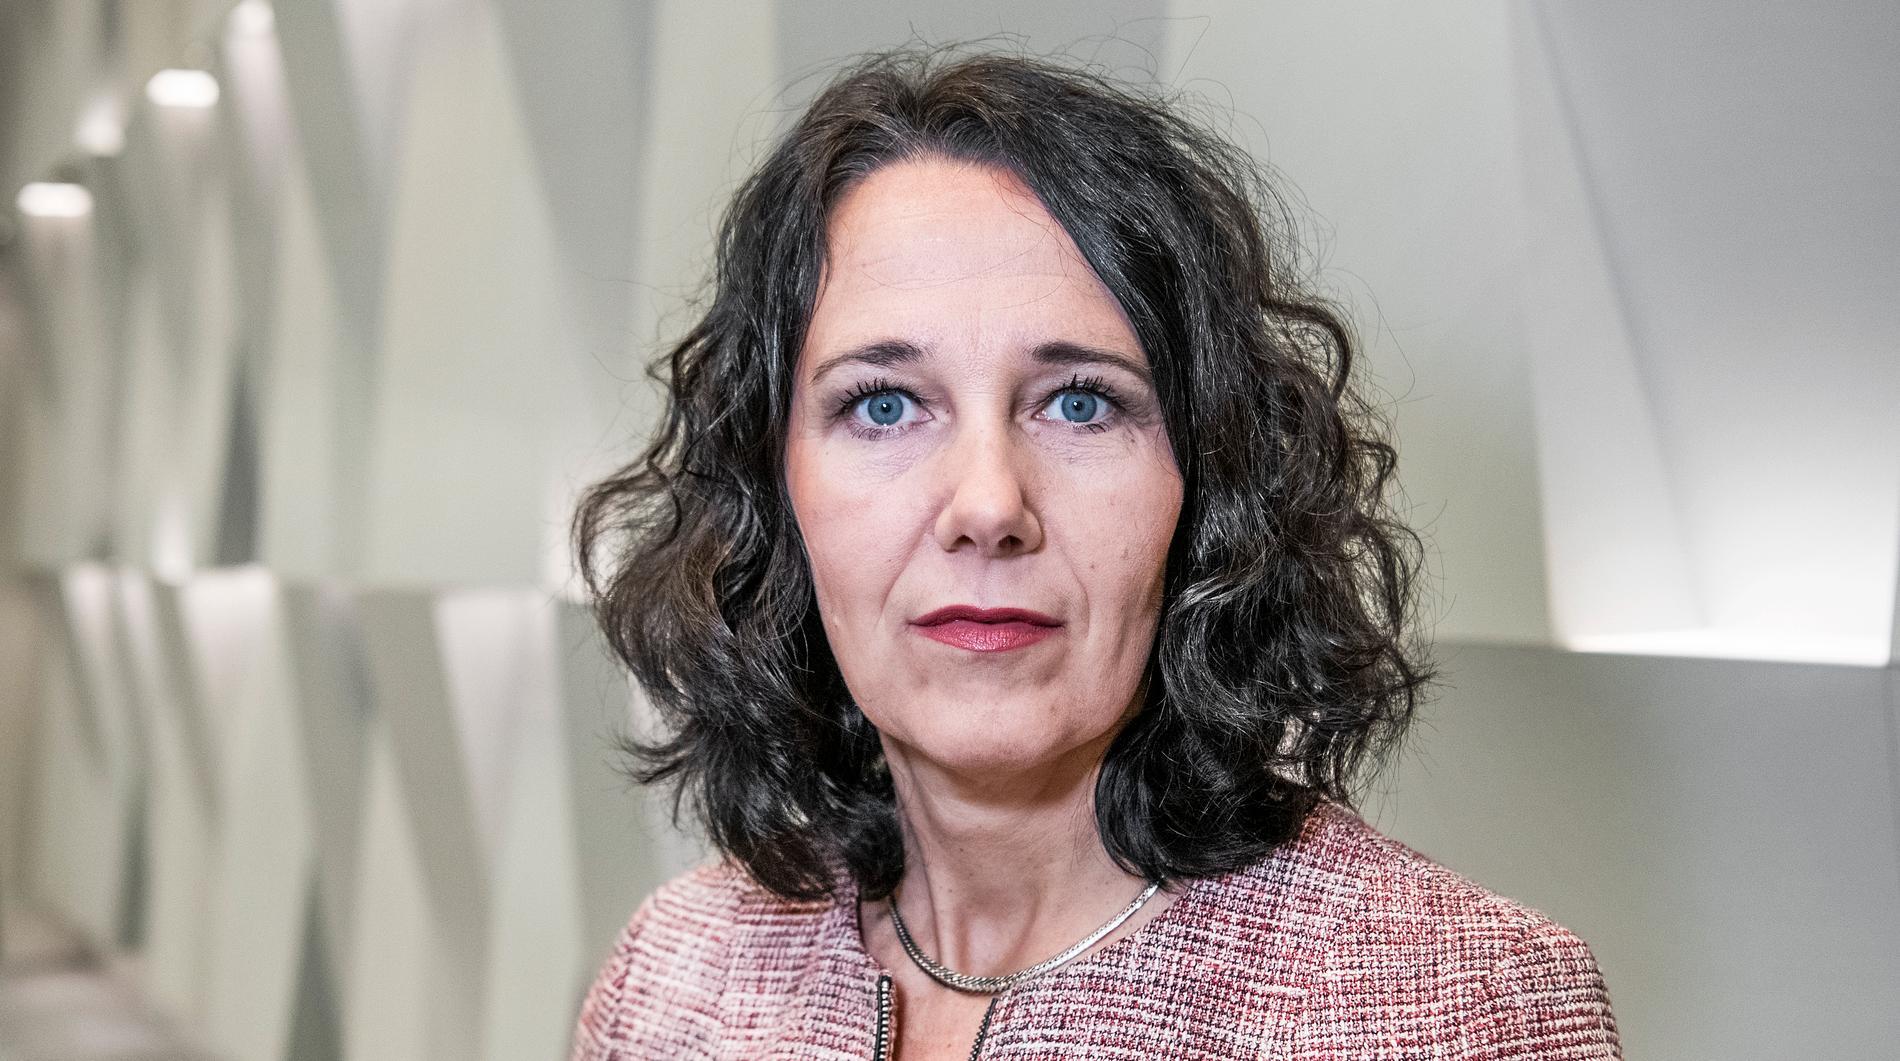 """""""Det jag ser i finansvärlden och företagsvärlden nu är mycket obehagligt. Att stänga ner länder som vi gör kommer att få förödande ekonomiska konsekvenser om vi fortsätter"""", säger Annika Winsth, chefsekonom på Nordea."""